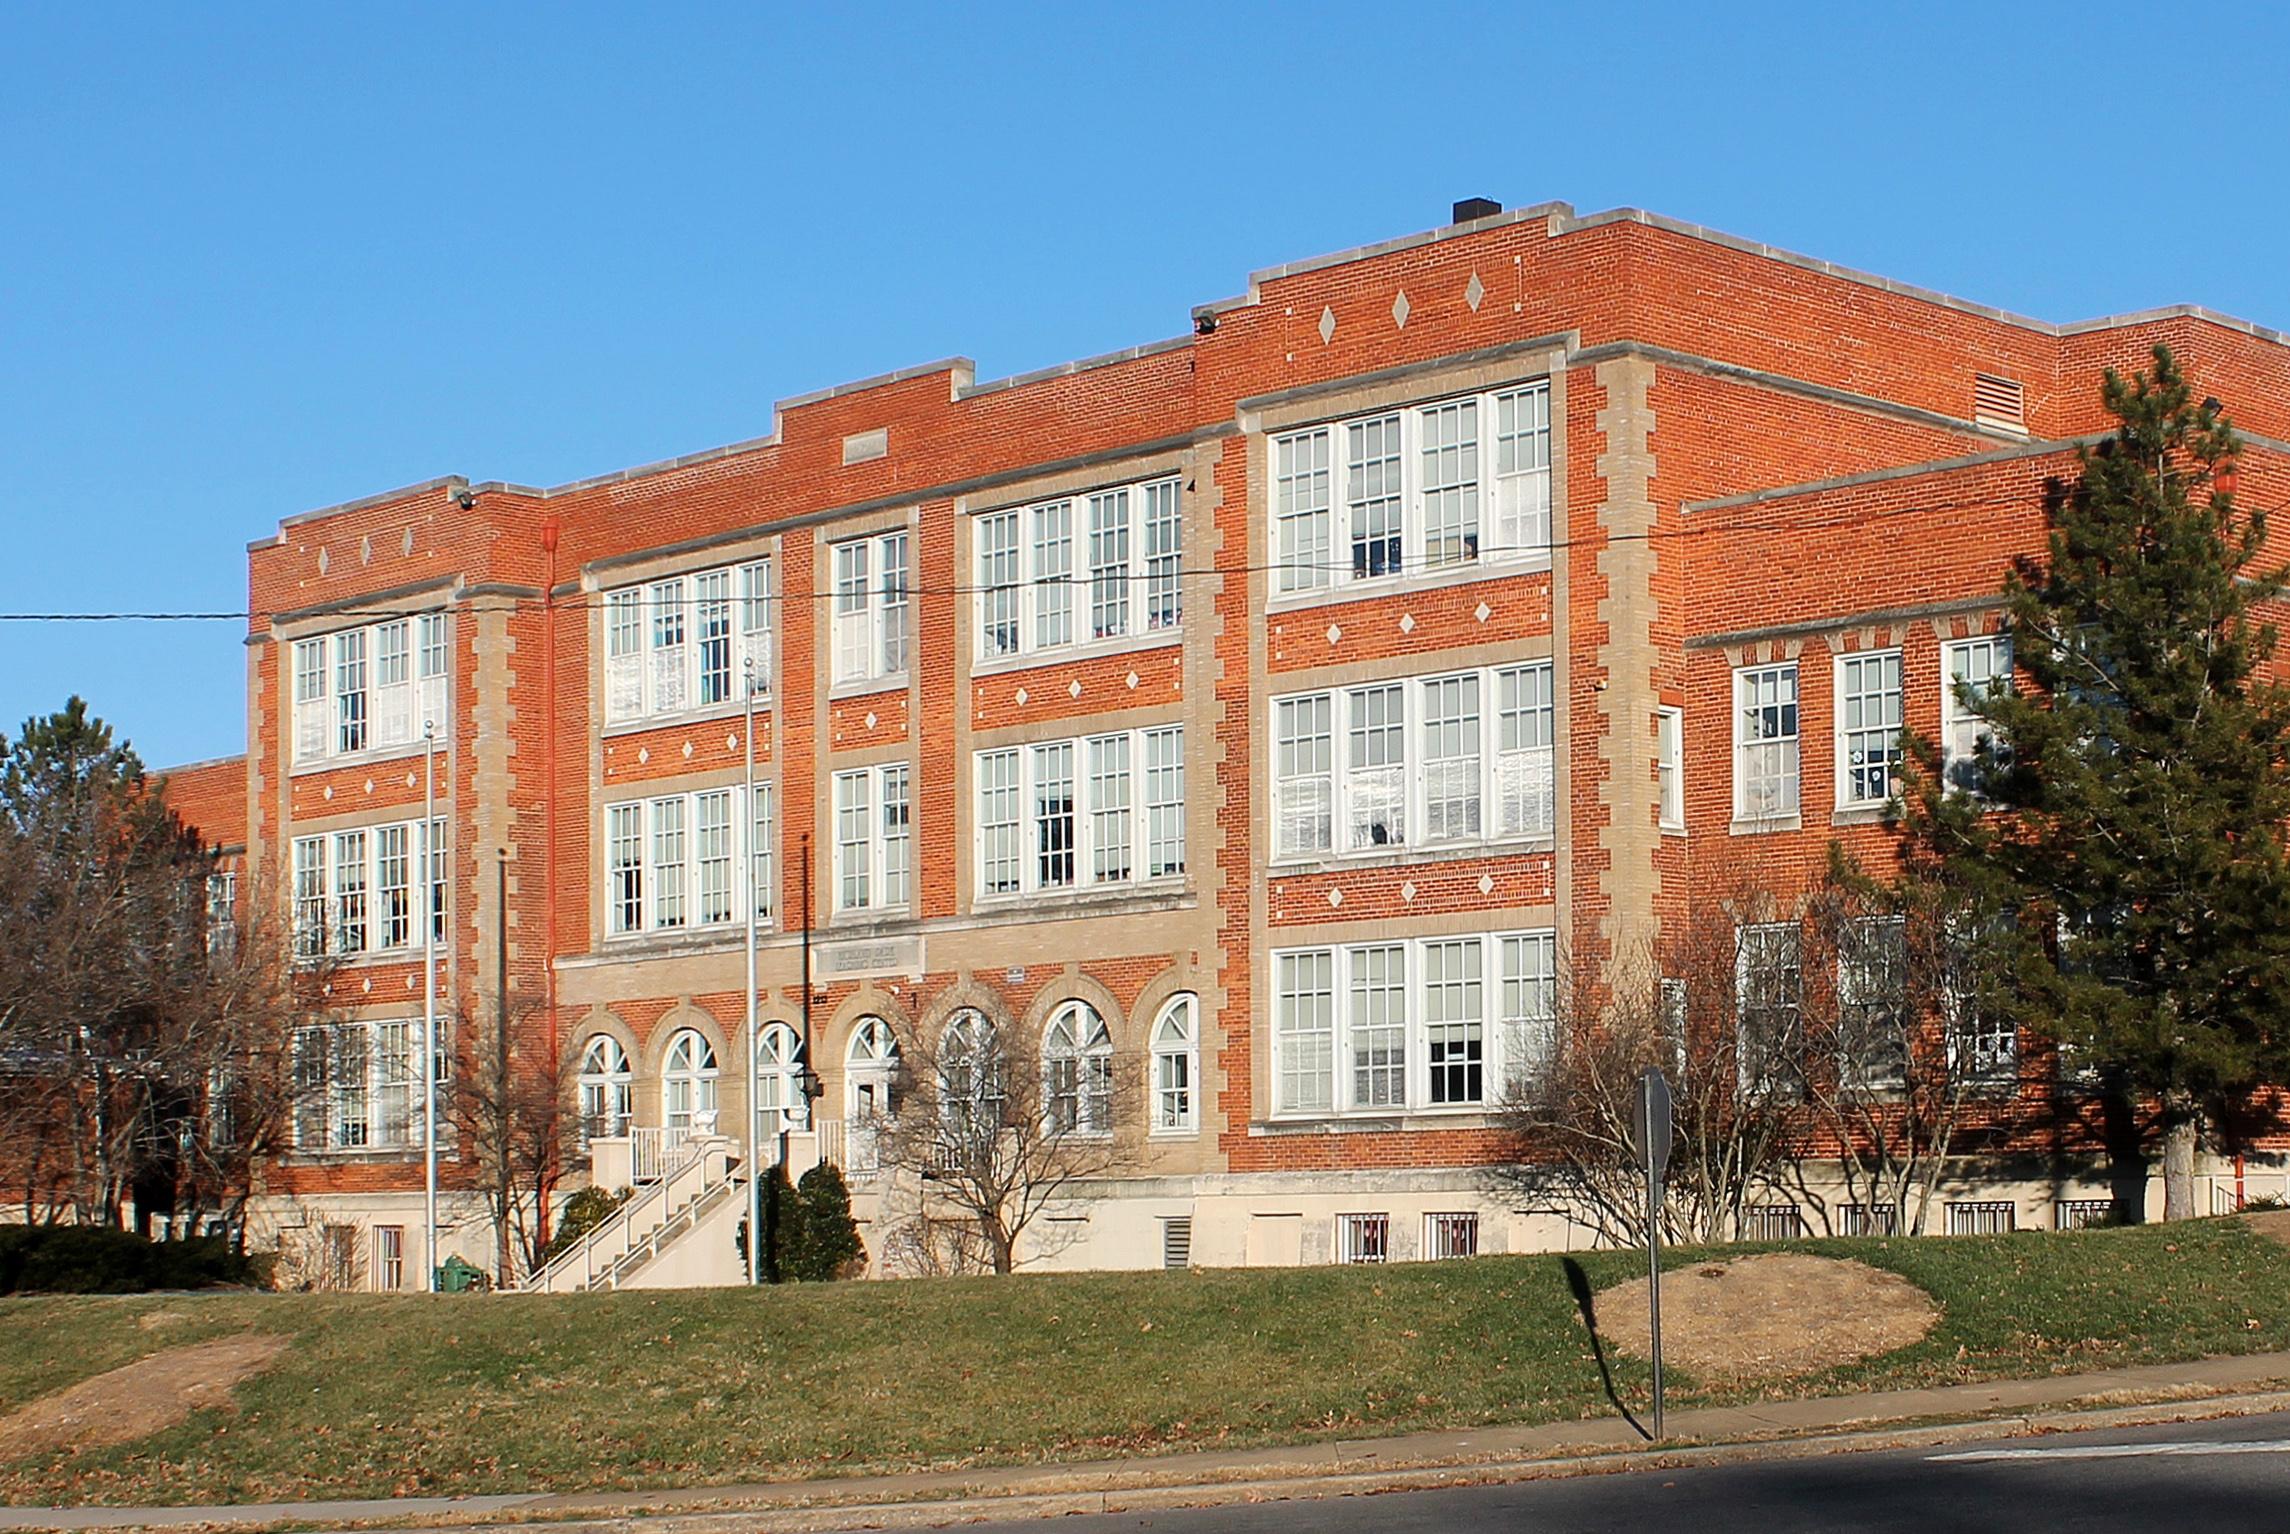 Southwest Historic District